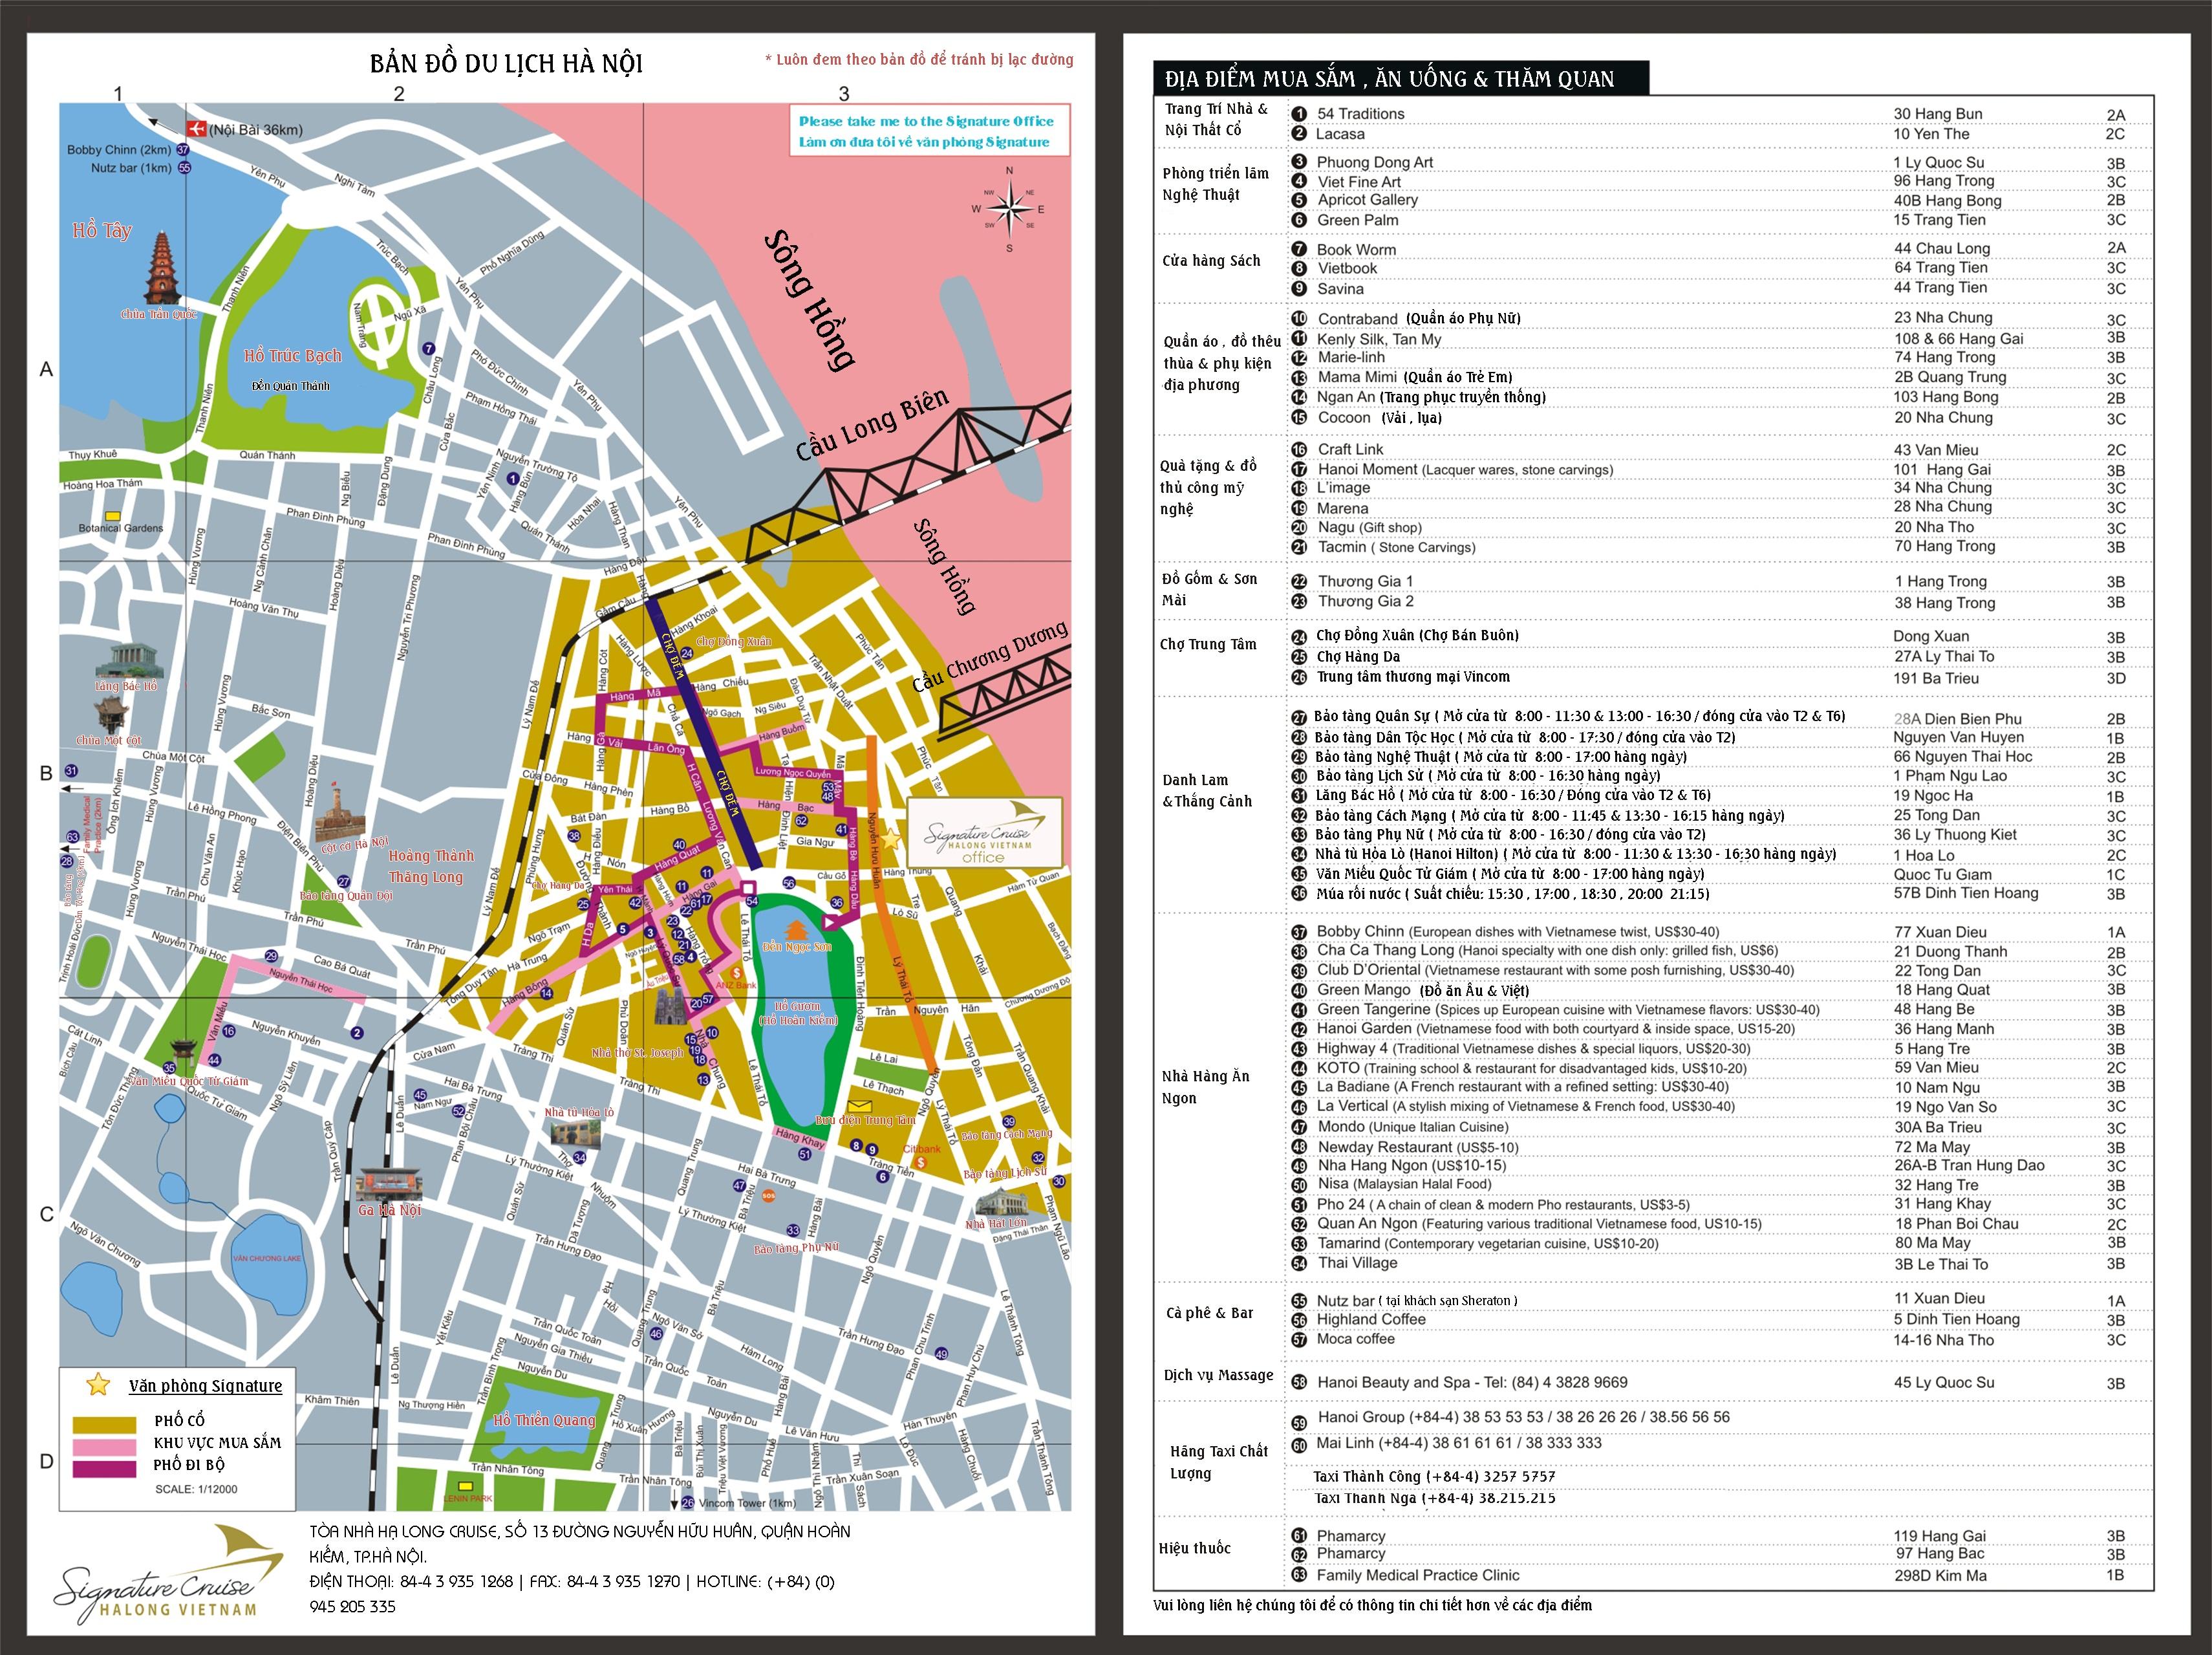 bản đồ địa điểm du lịch hà nội